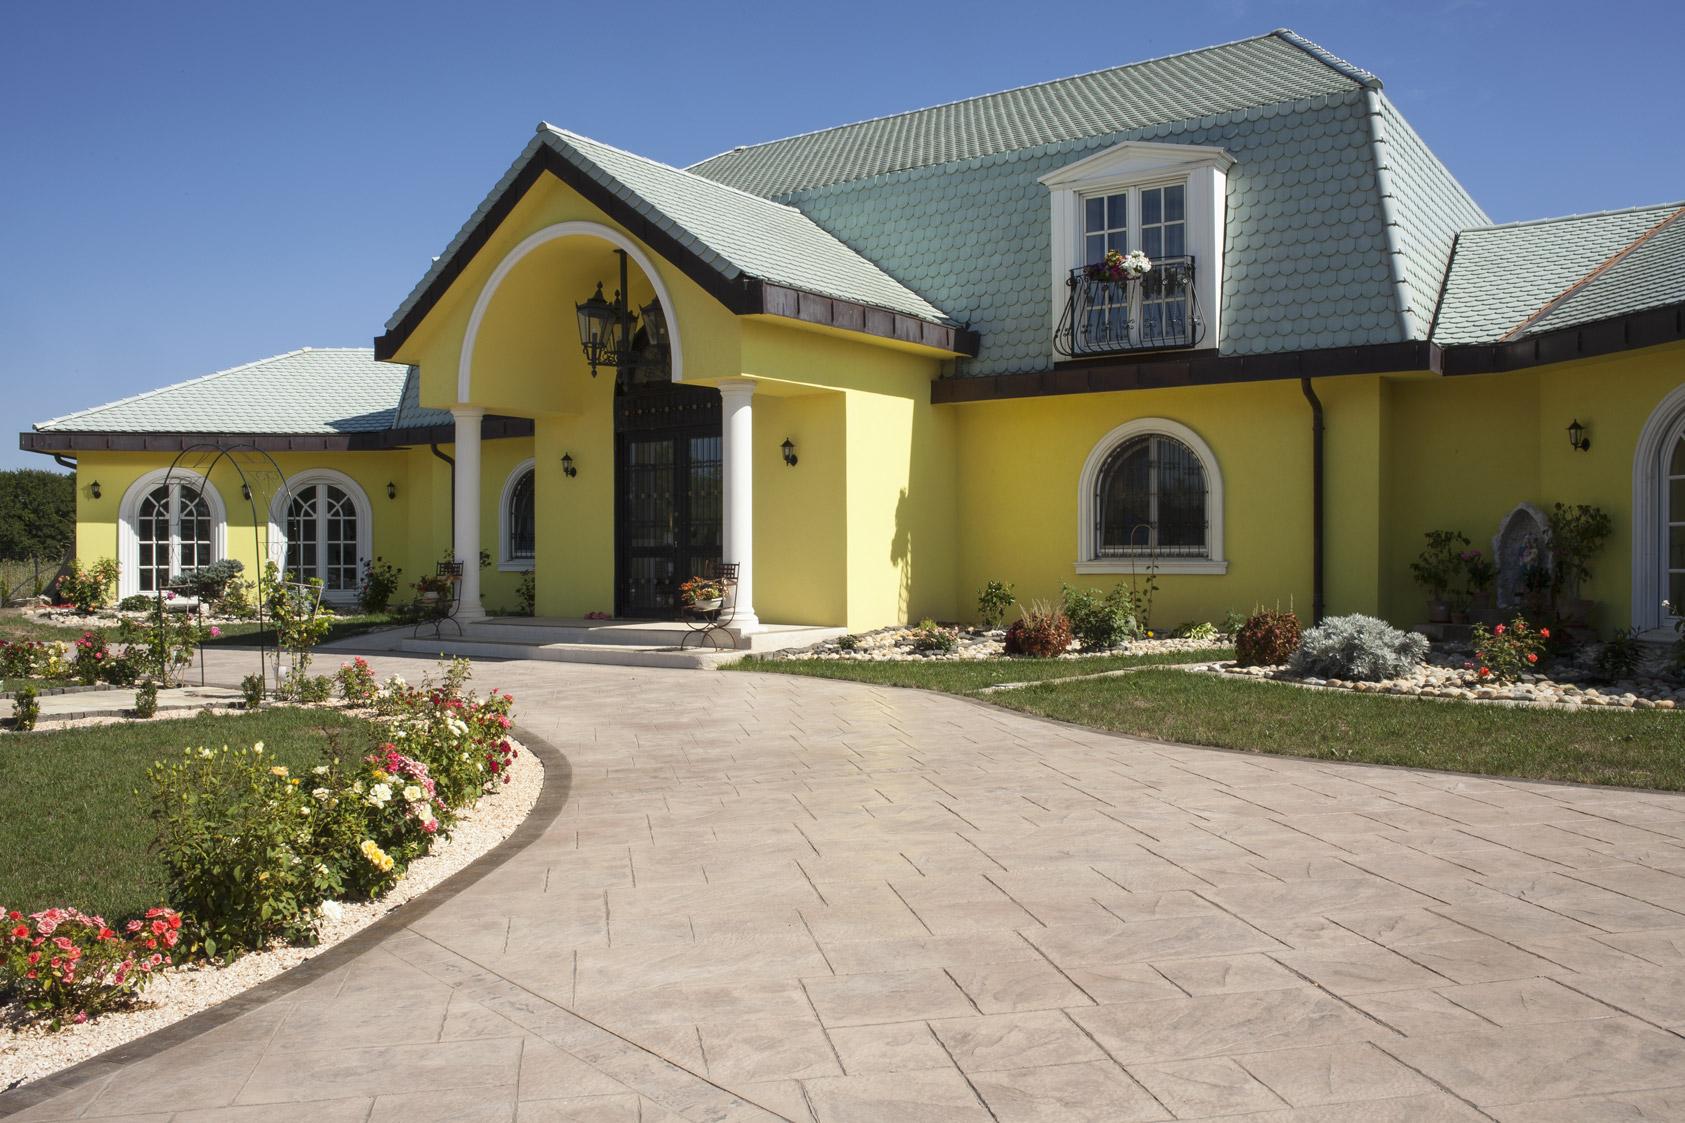 Posa Pavimento A Secco Giardino pavimenti esterni in cemento stampato o pavimenti